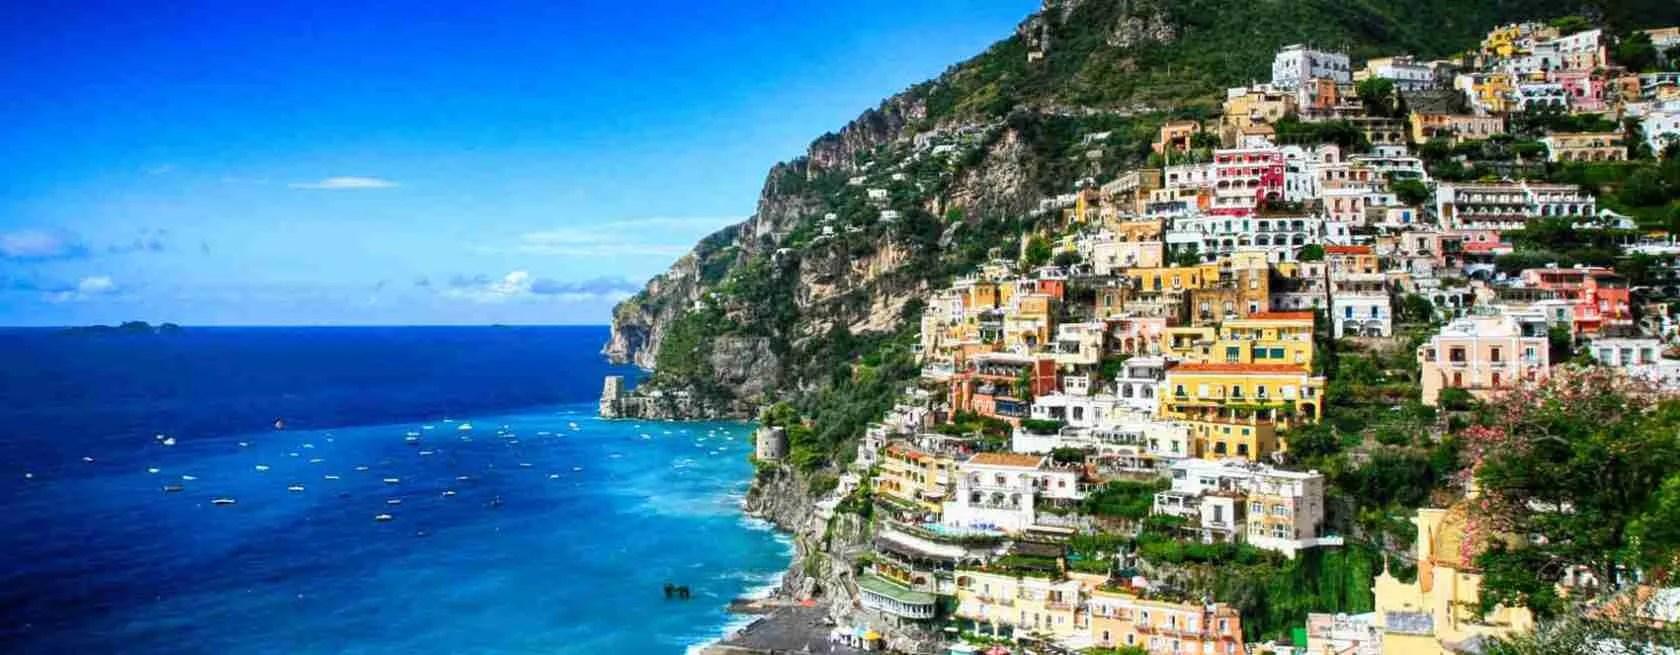 La Costiera Amalfitana è il luogo incantato per una vacanza in compagnia di una escort Salerno. Magica Escort